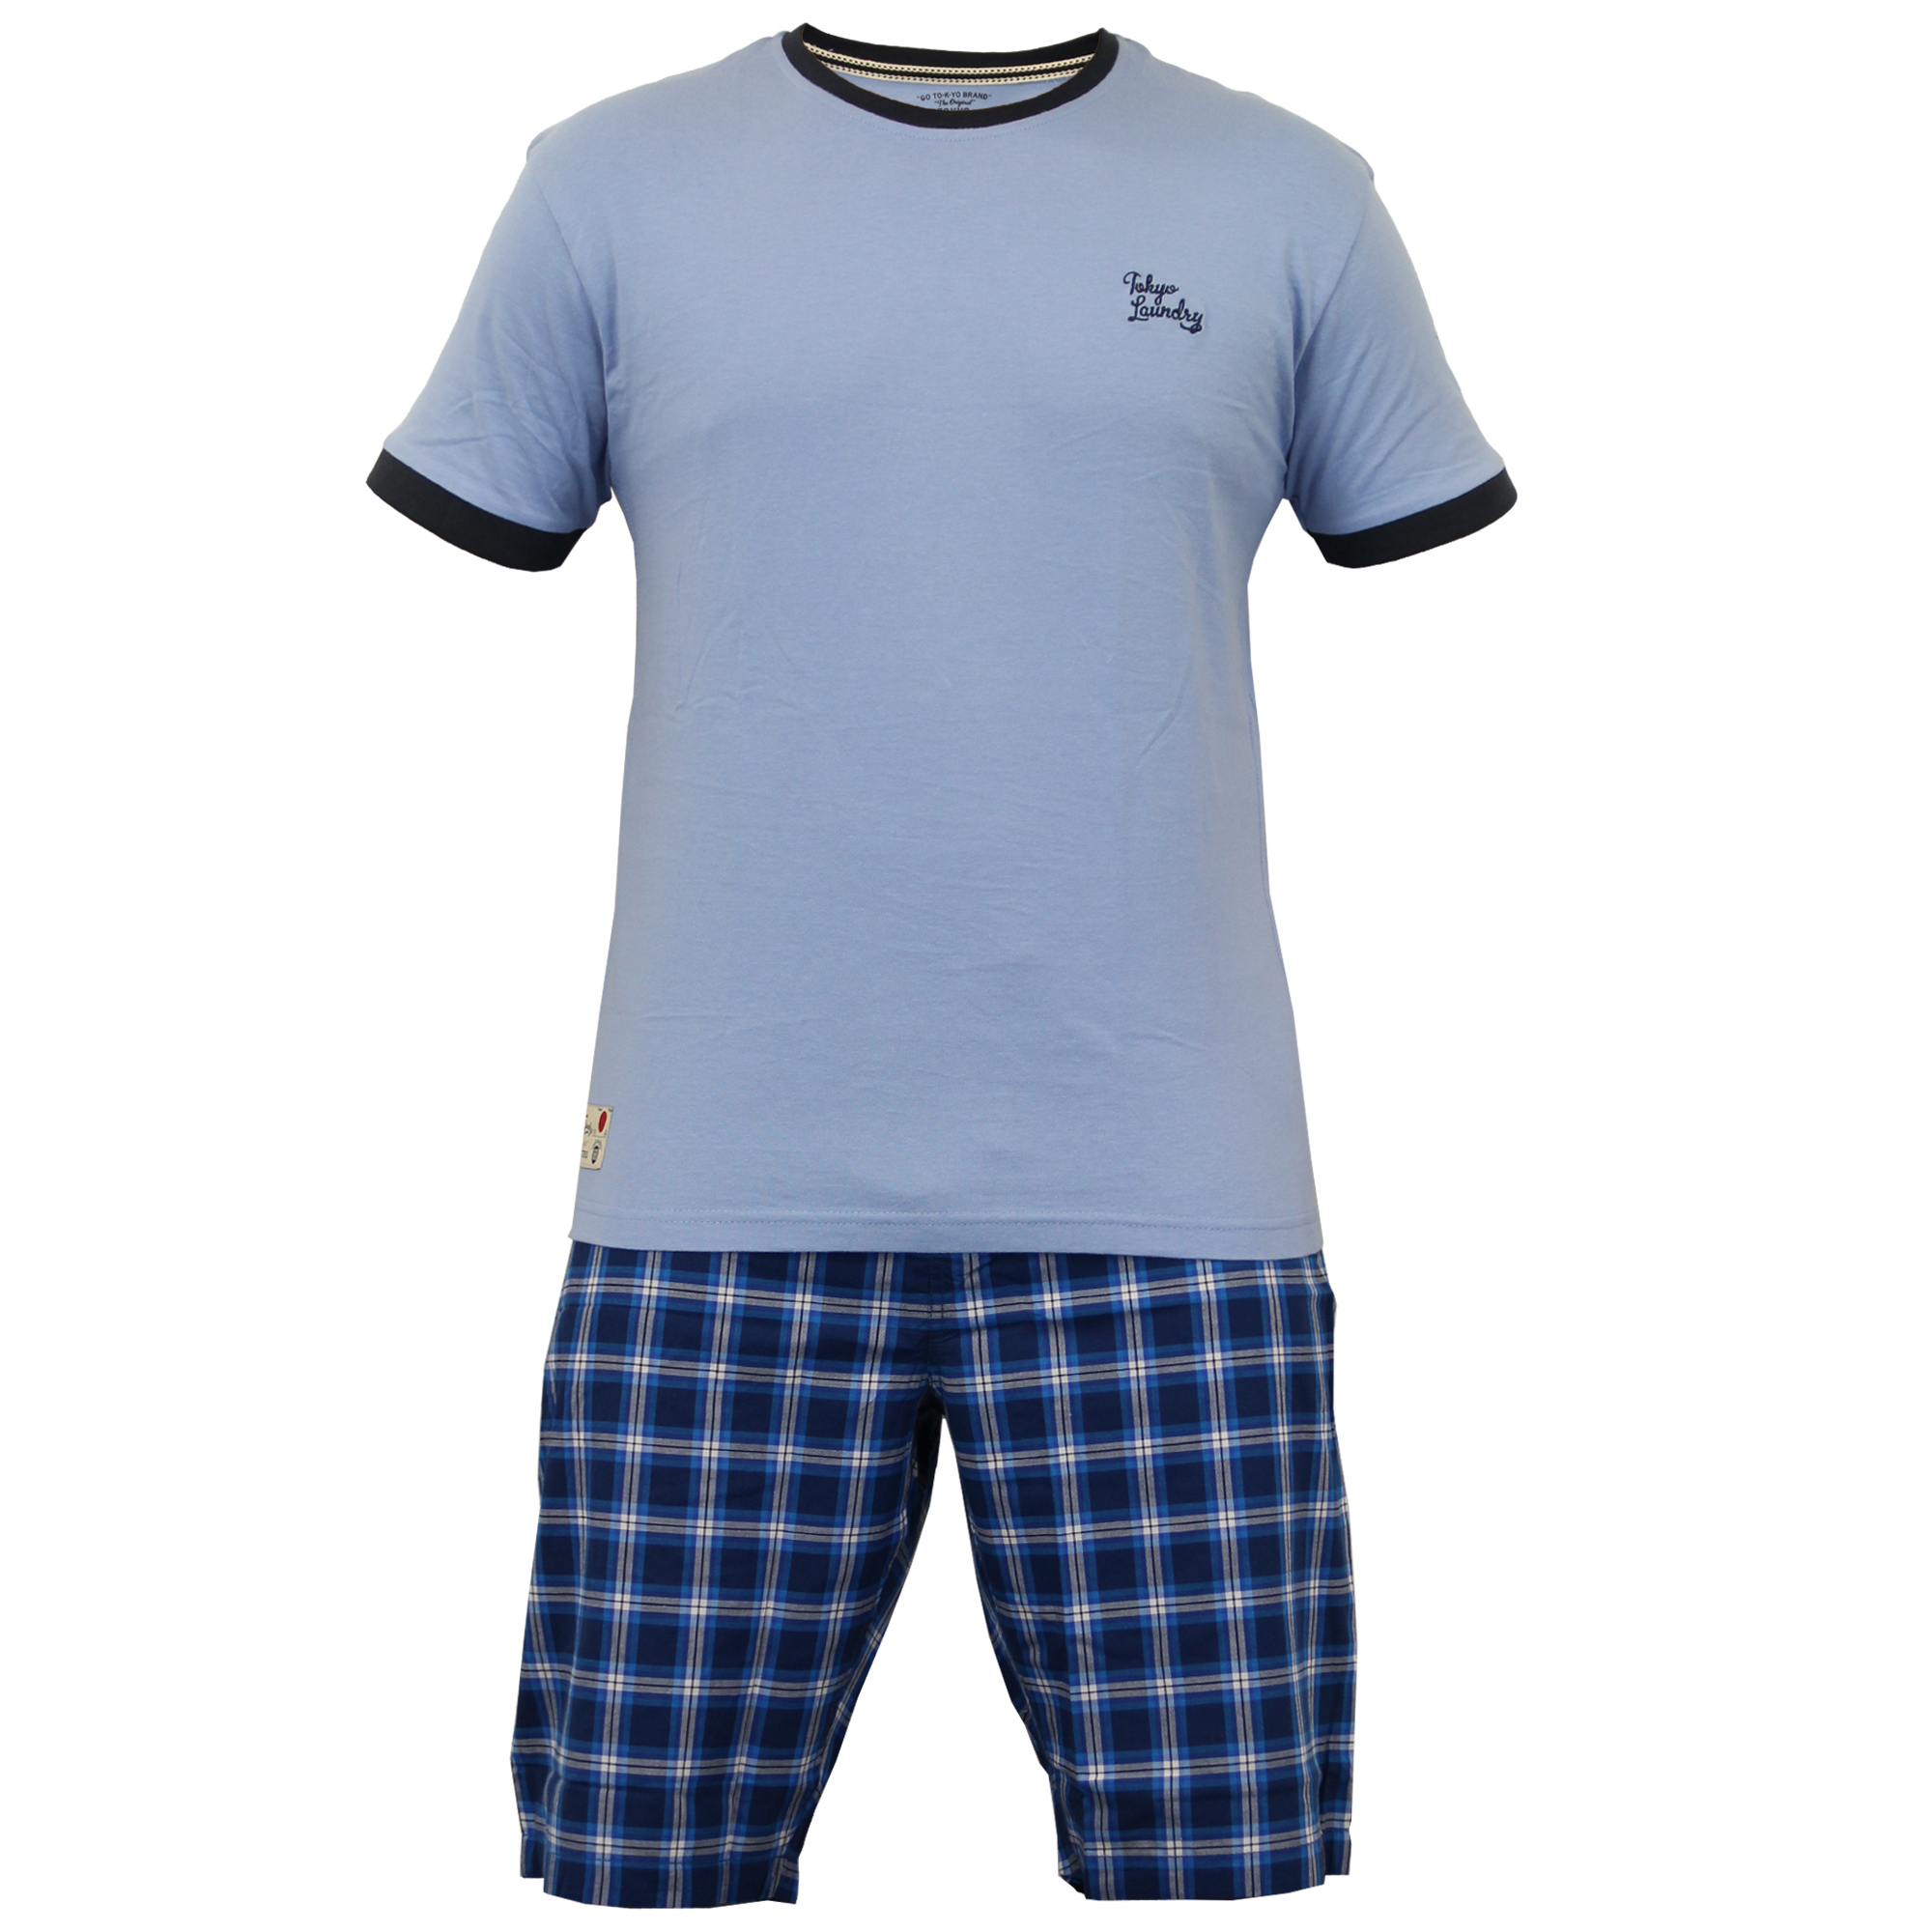 Mens t shirt shorts loungewear checked pyjamas set by T shirt and shorts pyjamas